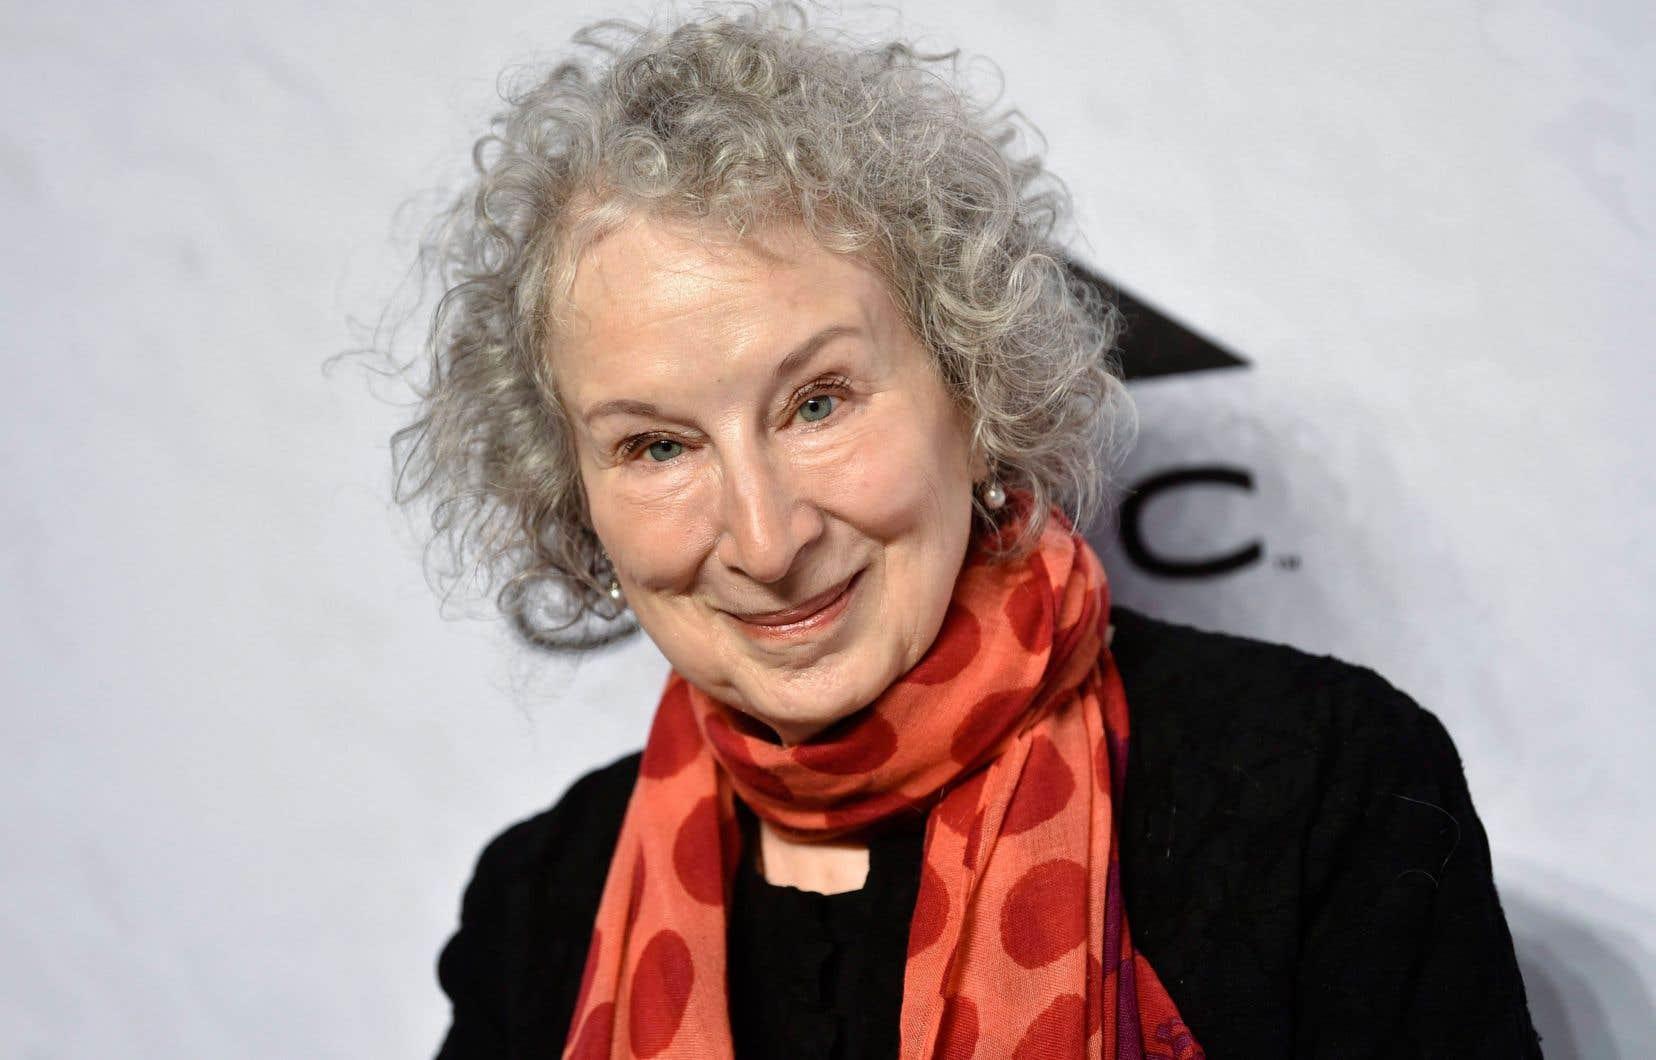 «The Handmaid's Tale», dans sa version anglaise originale, de Margaret Atwood, est arrivé en première position des emprunts de fiction faits à la Grande Bibliothèque du Québec en 2018.